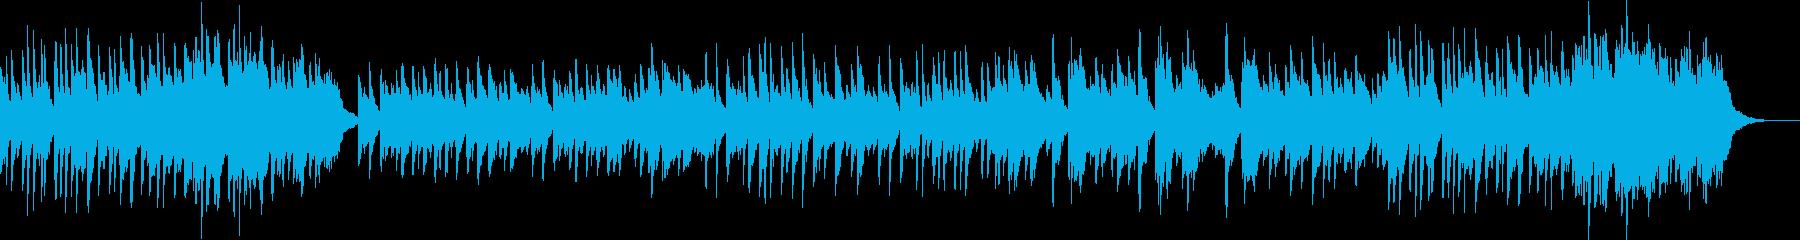 切ない旋律のピアノ曲の再生済みの波形